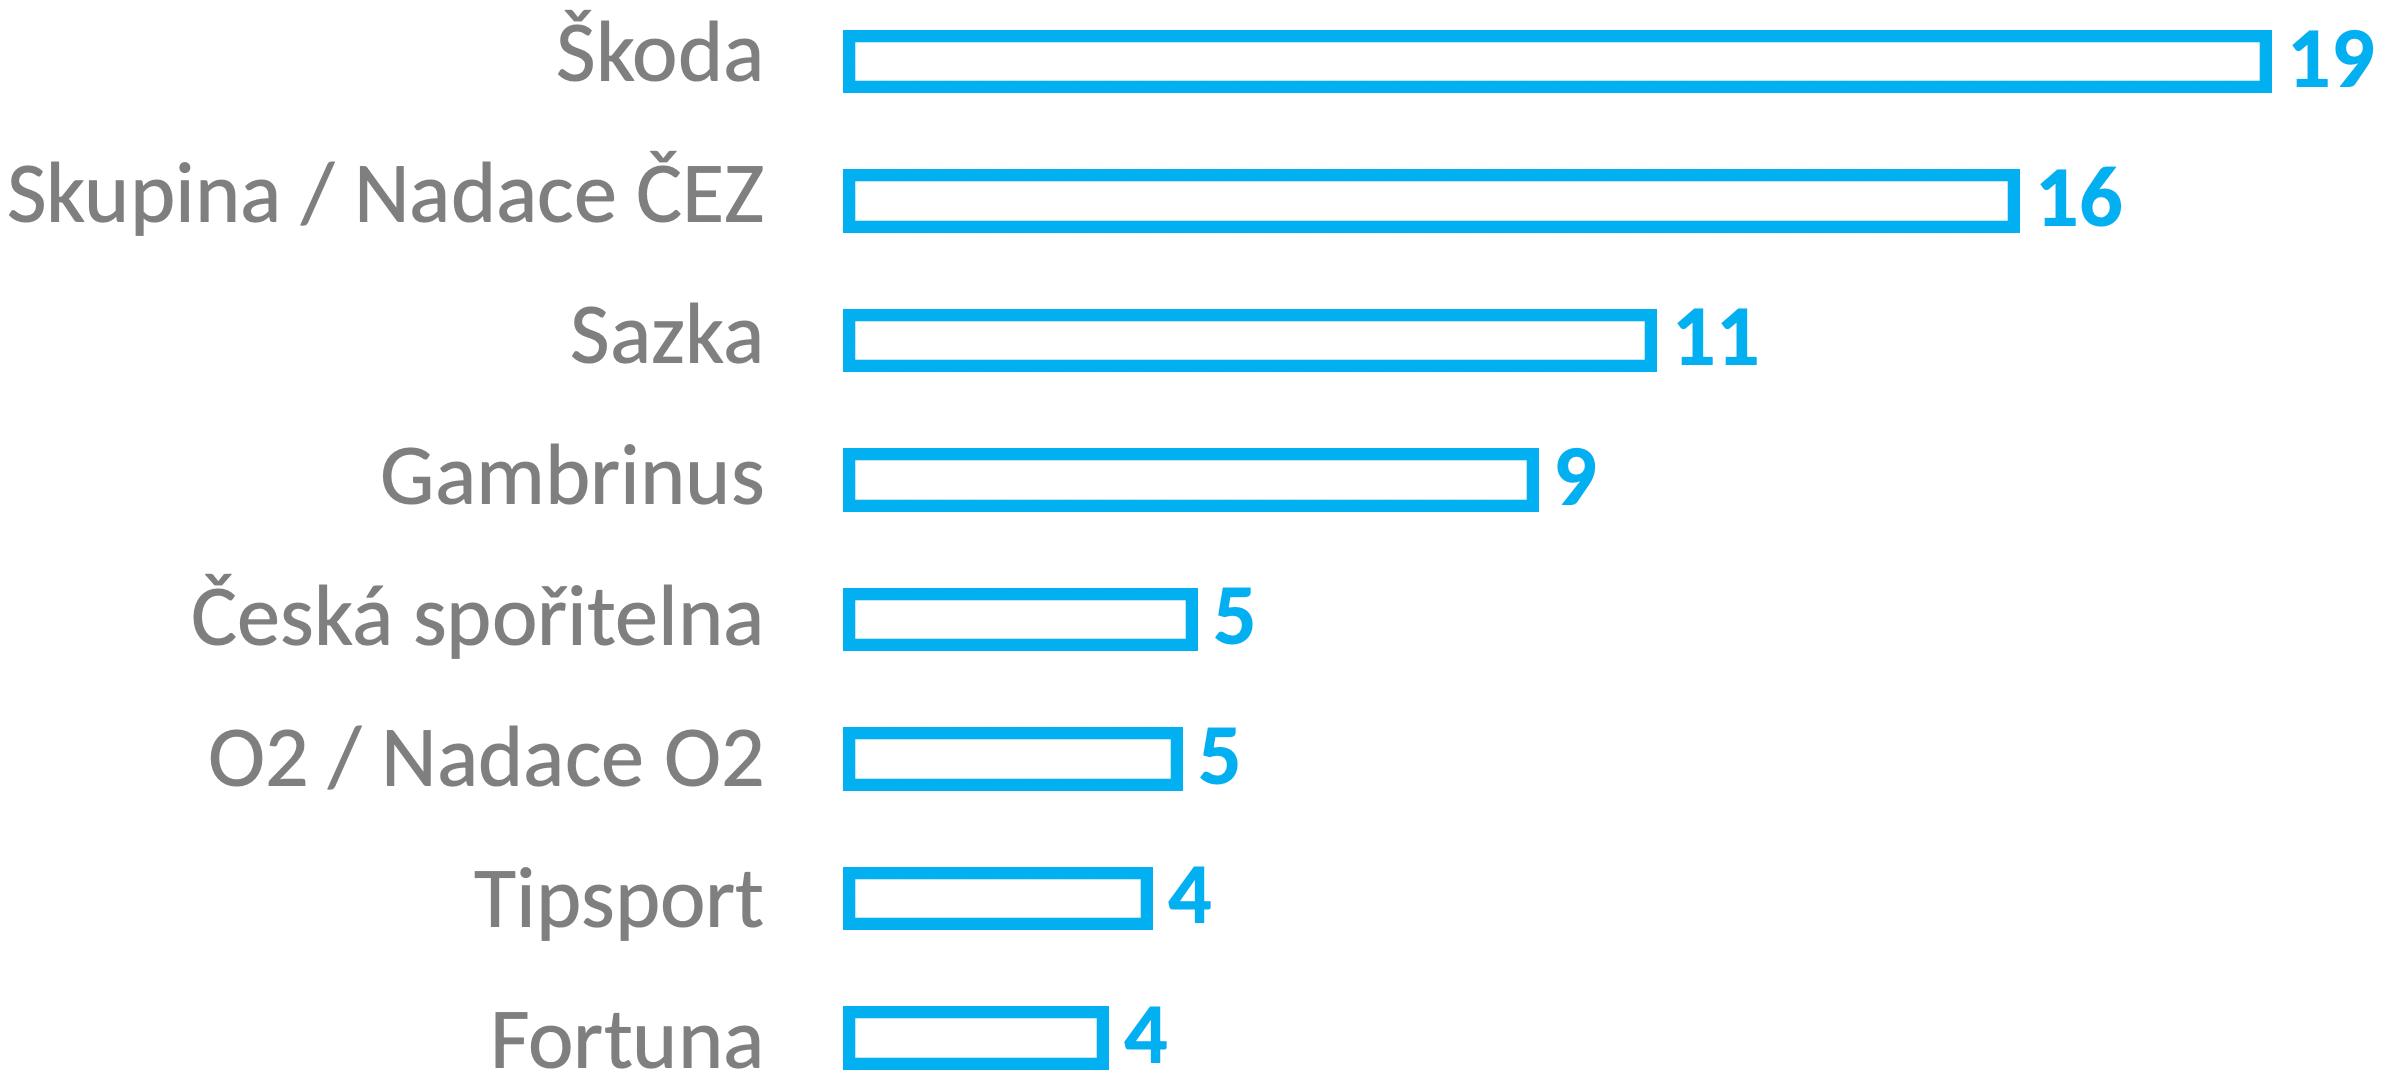 Graf zobrazující tato data: Škoda - 19, Skupina / Nadace ČEZ - 16, Sazka - 11, Gambrinus - 9, Česká spořitelna - 5, O2 / Nadace O2 - 5, Tipsport - 4, Fortuna - 4